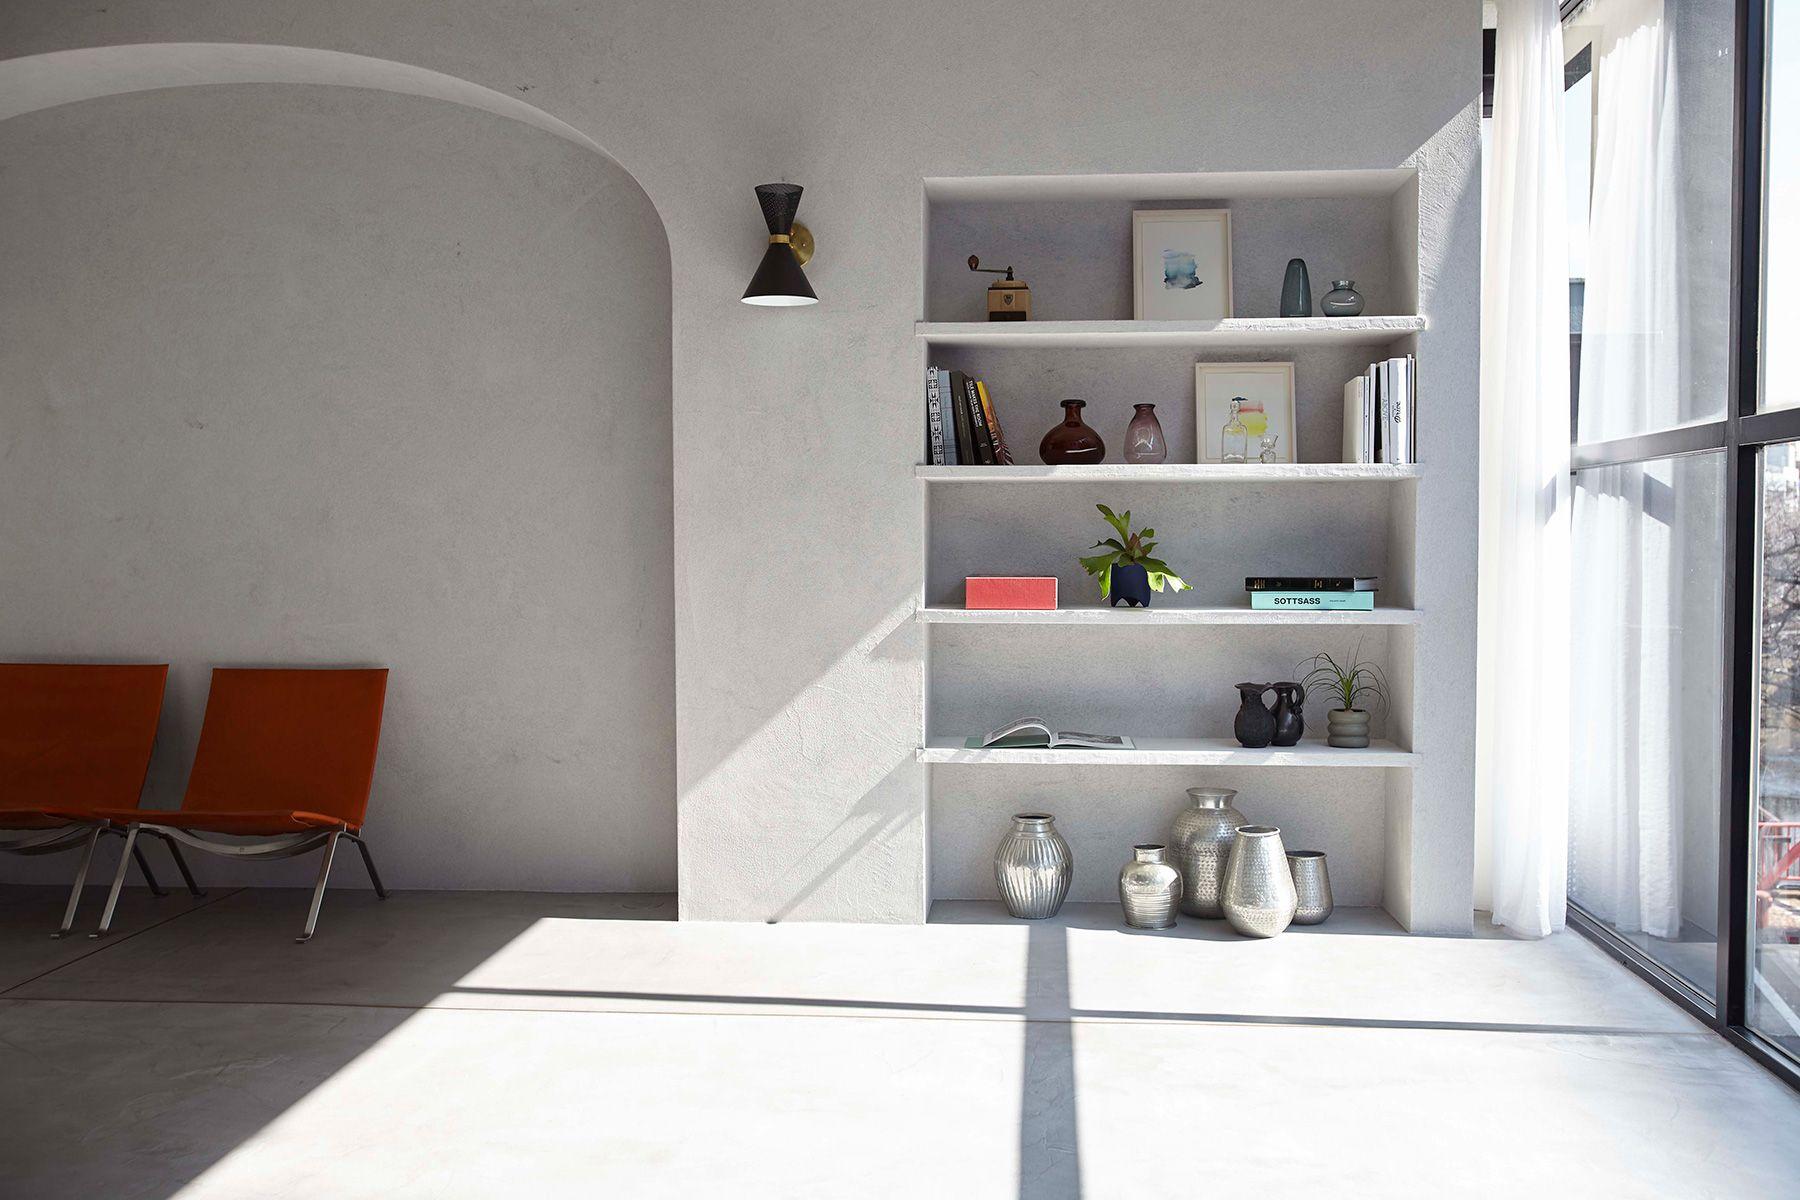 BASE STUDIO 2F +STYLE (ベーススタジオ 2F +スタイル)ヴィンテージ家具 ご使用は無料